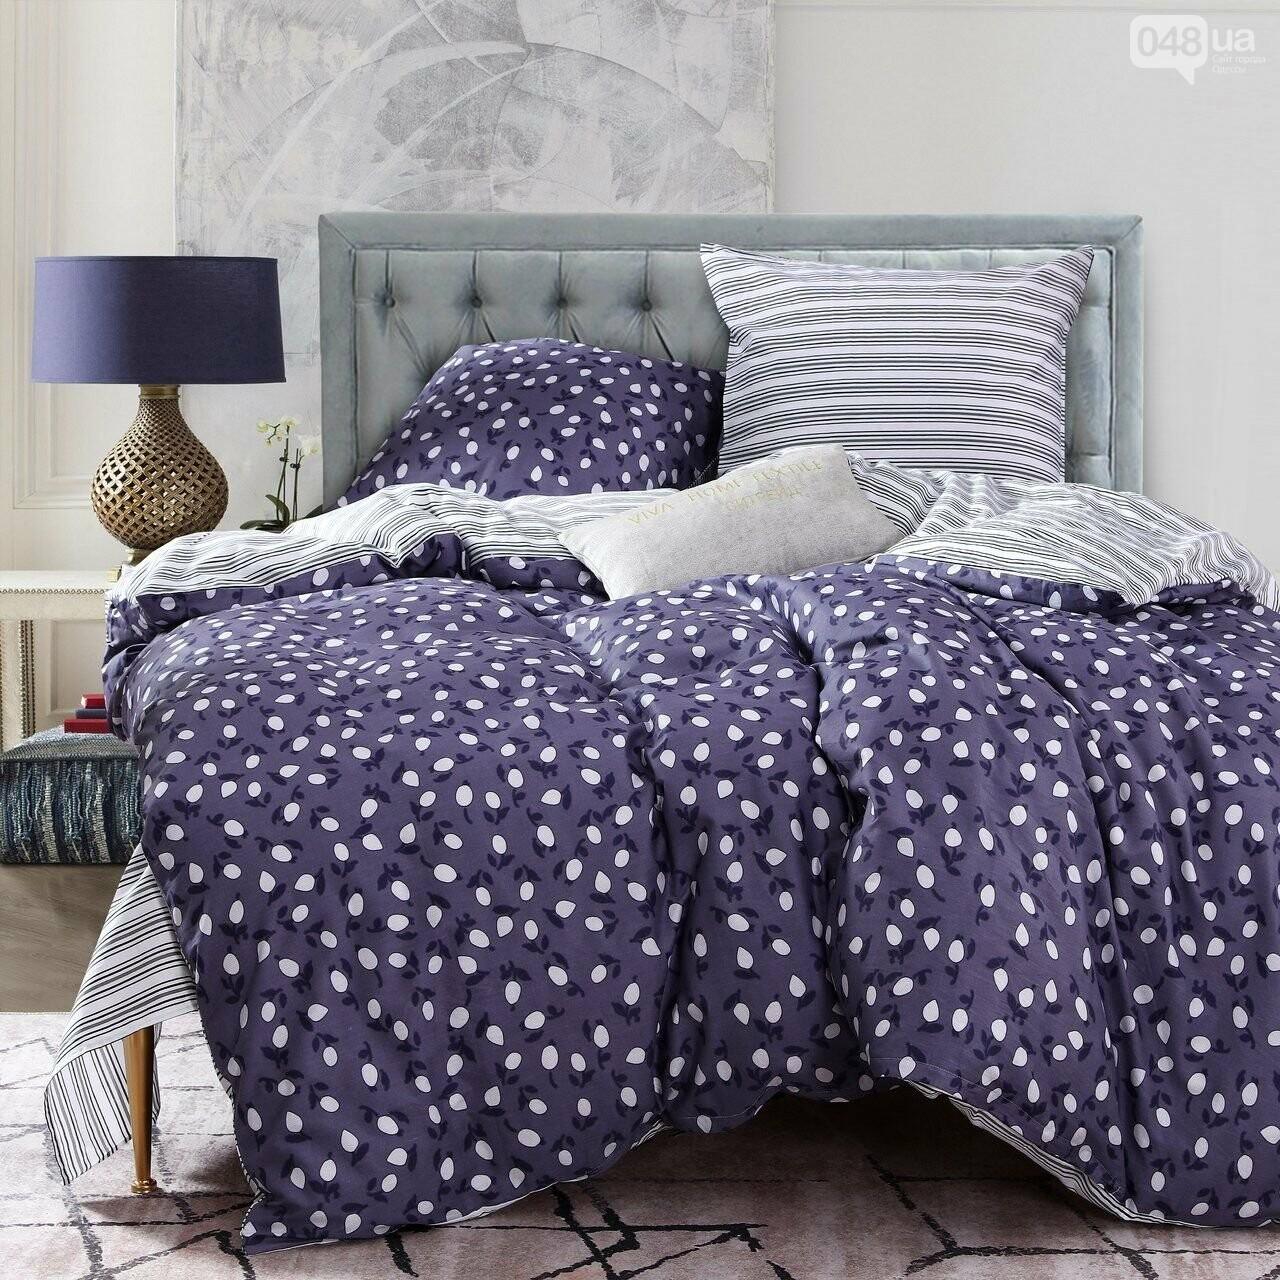 Бязь, сатин или поплин – подбираем правильно текстиль для спальни , фото-1